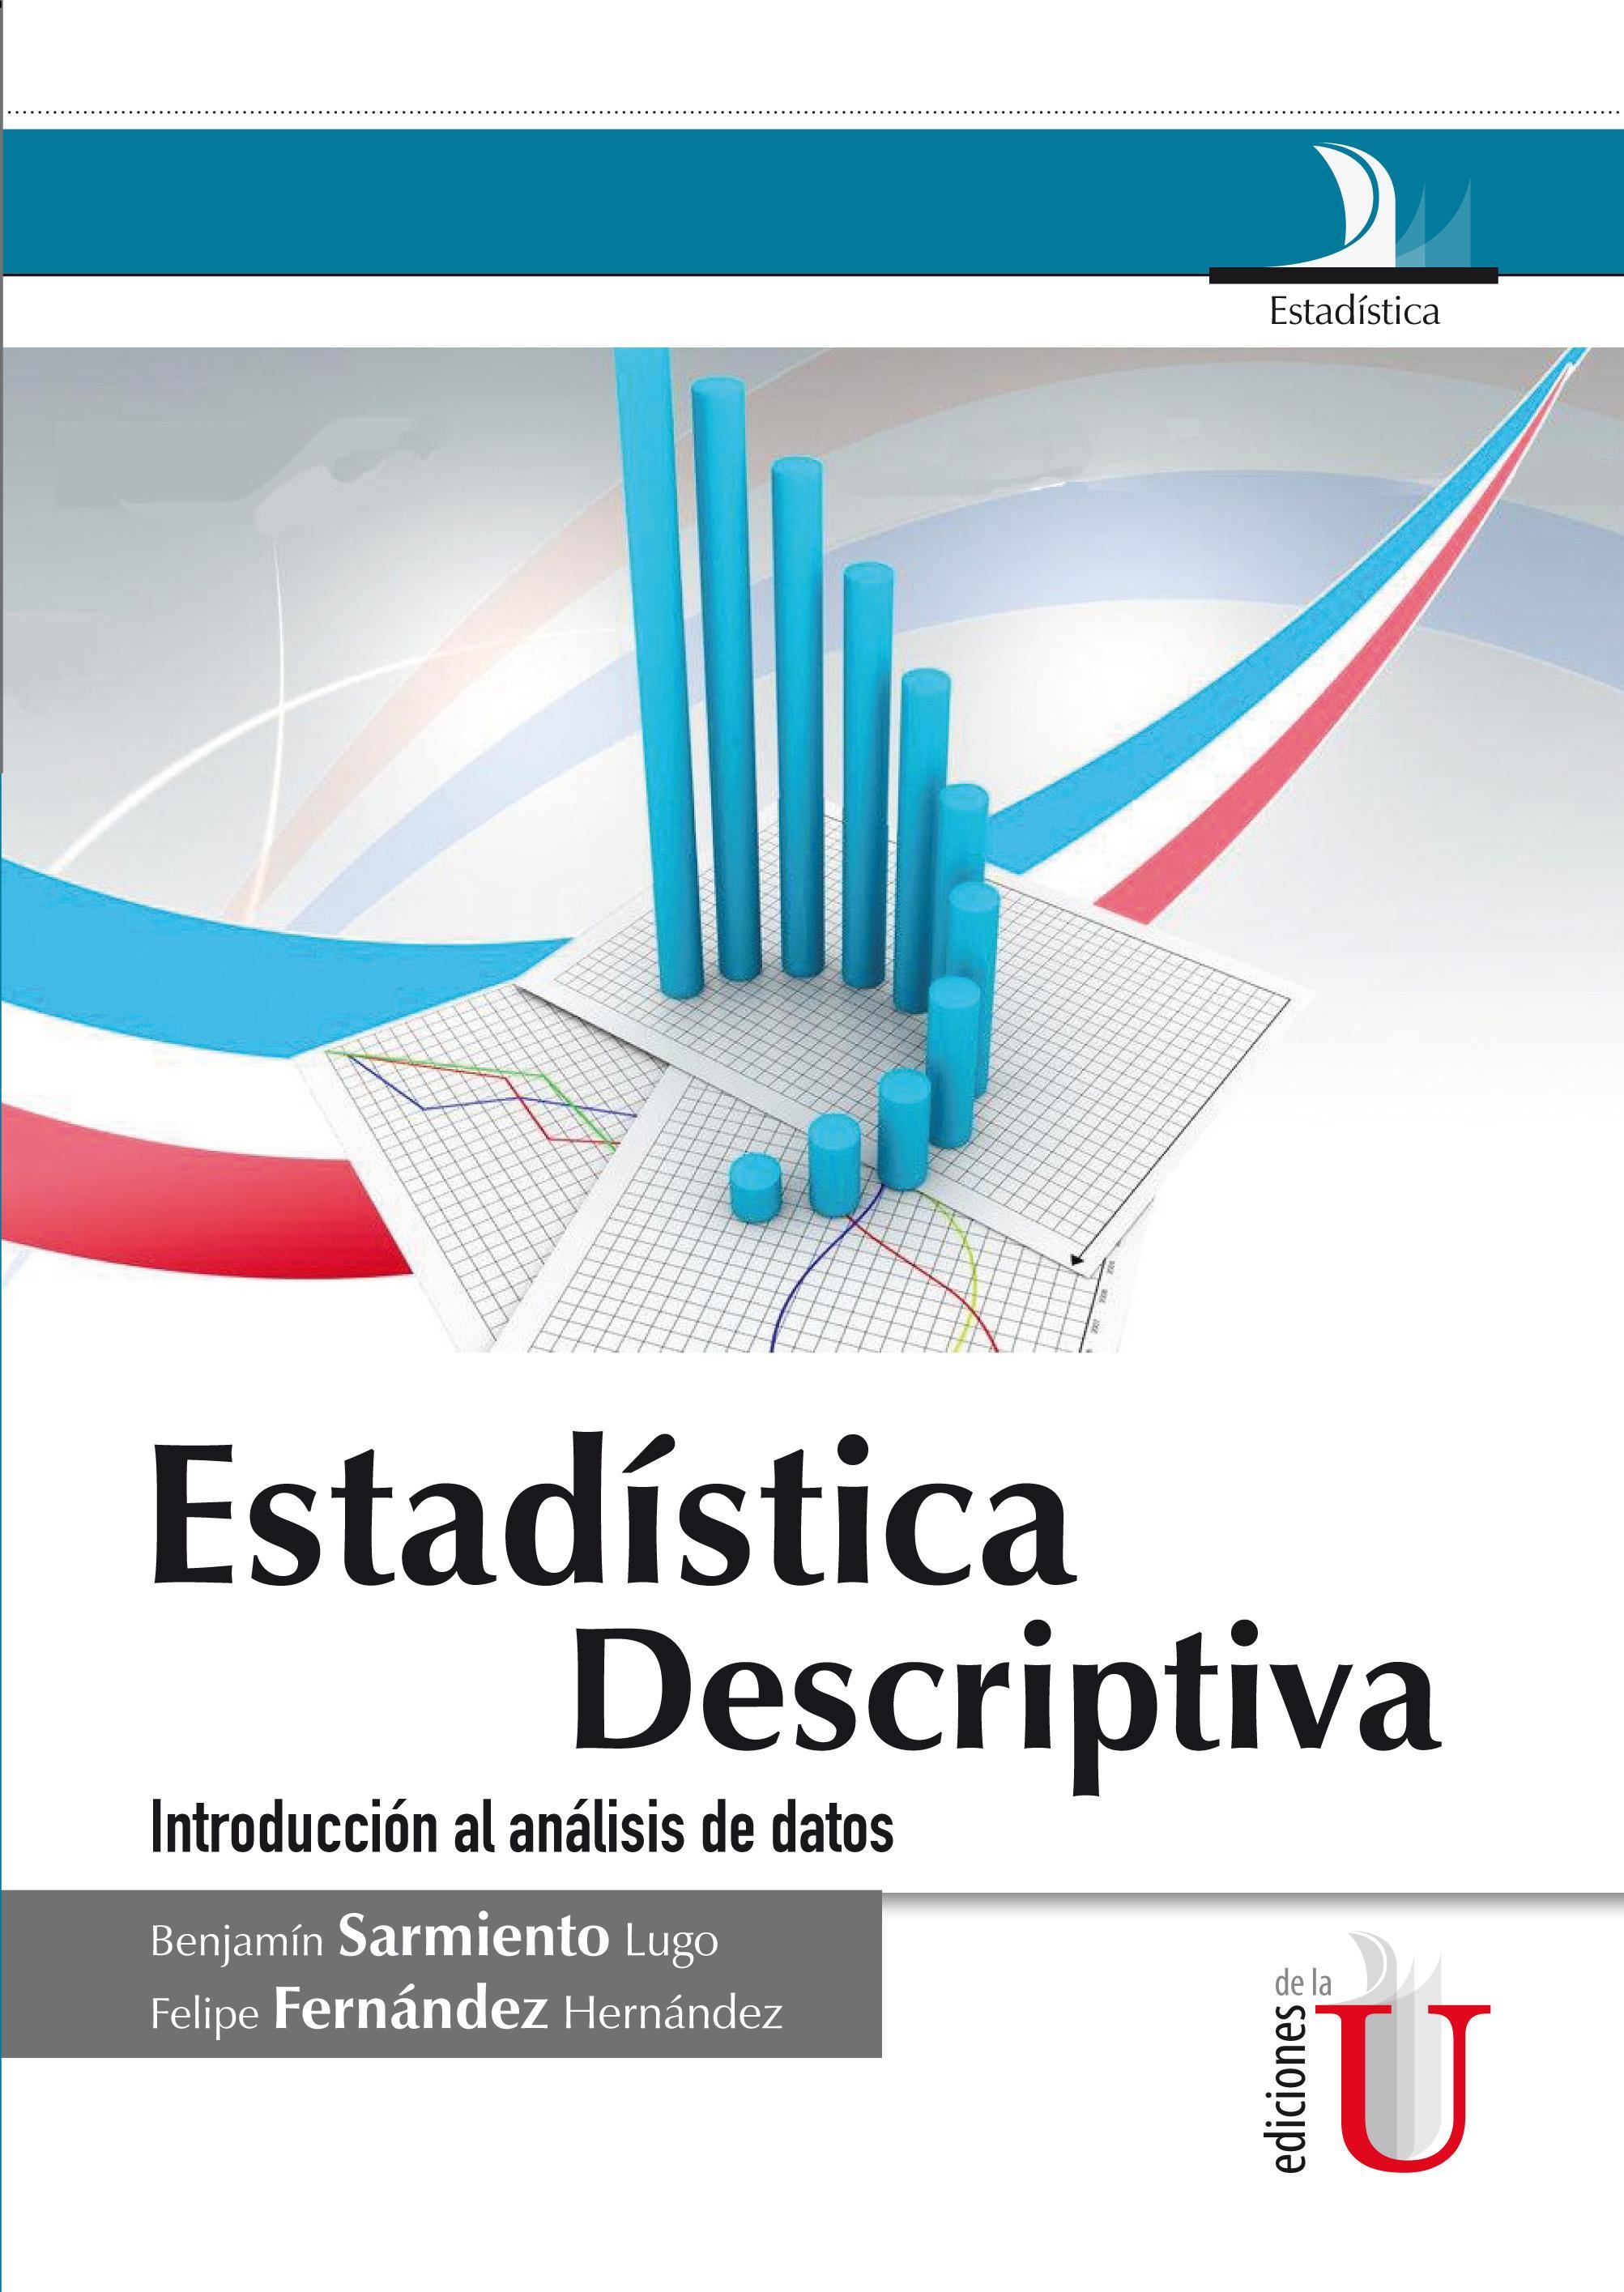 El interés en la formación estadística responde a la importancia que la estadística ha alcanzado en nuestros días como cultura básica y como herramienta de utilidad en el trabajo profesional y de investigación